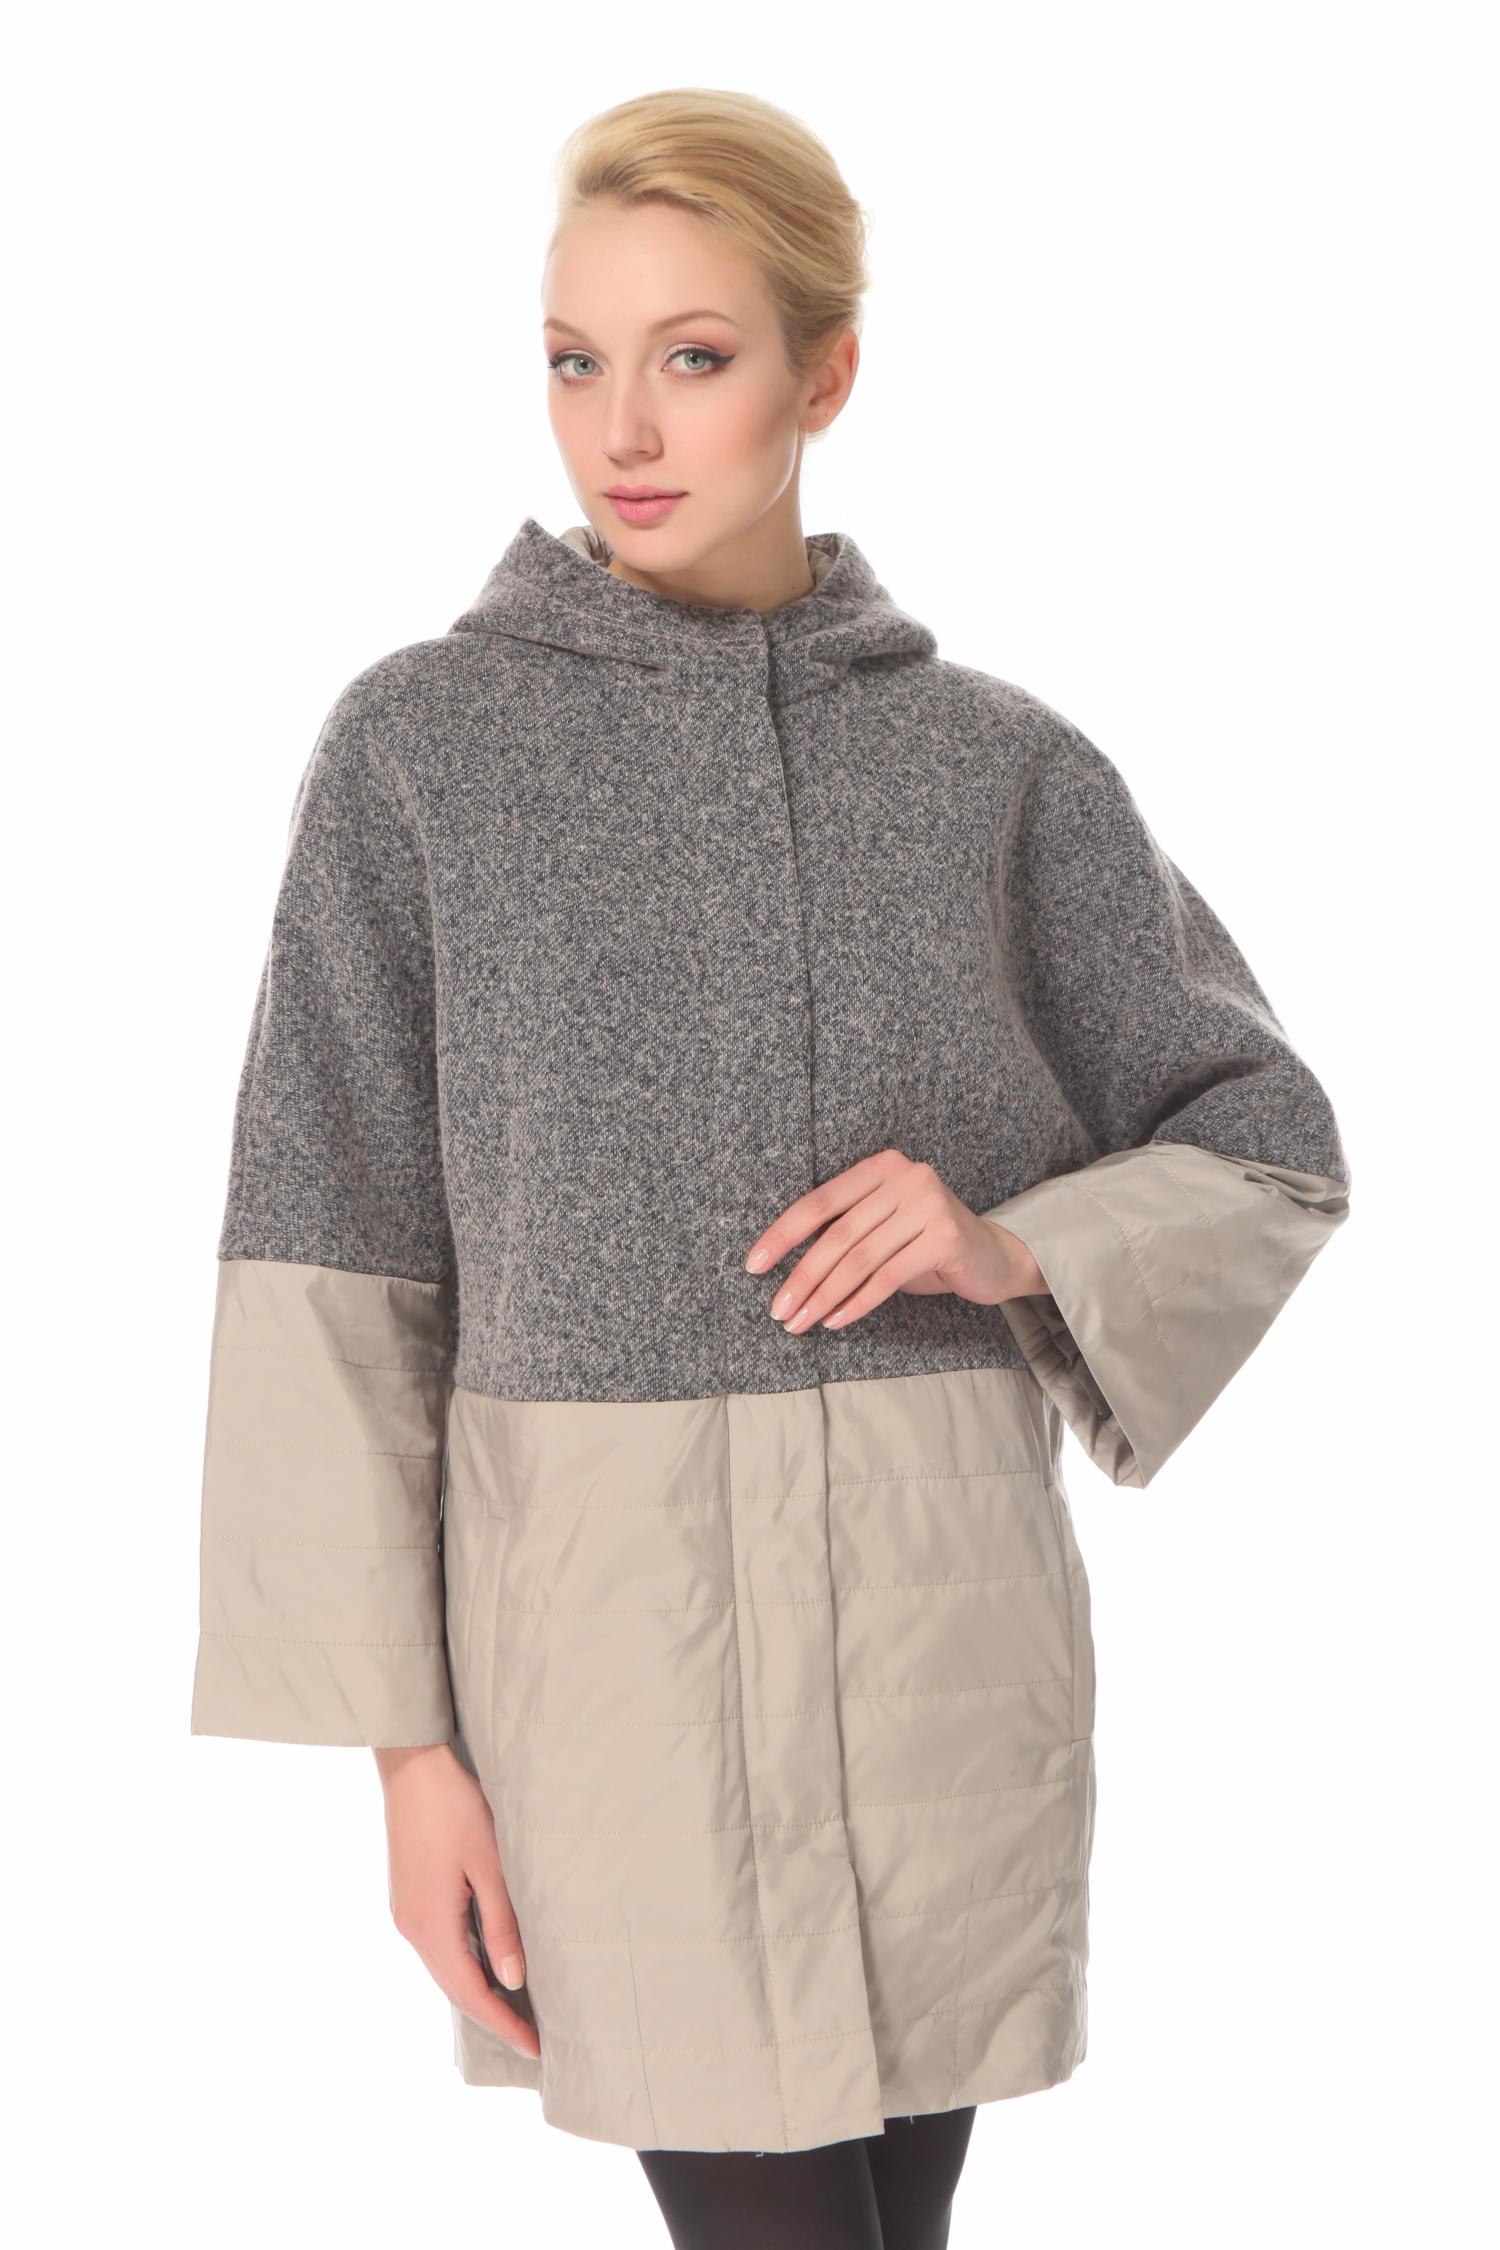 Женское пальто с капюшоном, без отделки<br><br>Воротник: капюшон<br>Длина см: Средняя (75-89 )<br>Материал: Комбинированный состав<br>Цвет: серый<br>Вид застежки: центральная<br>Застежка: на молнии<br>Пол: Женский<br>Размер RU: 52